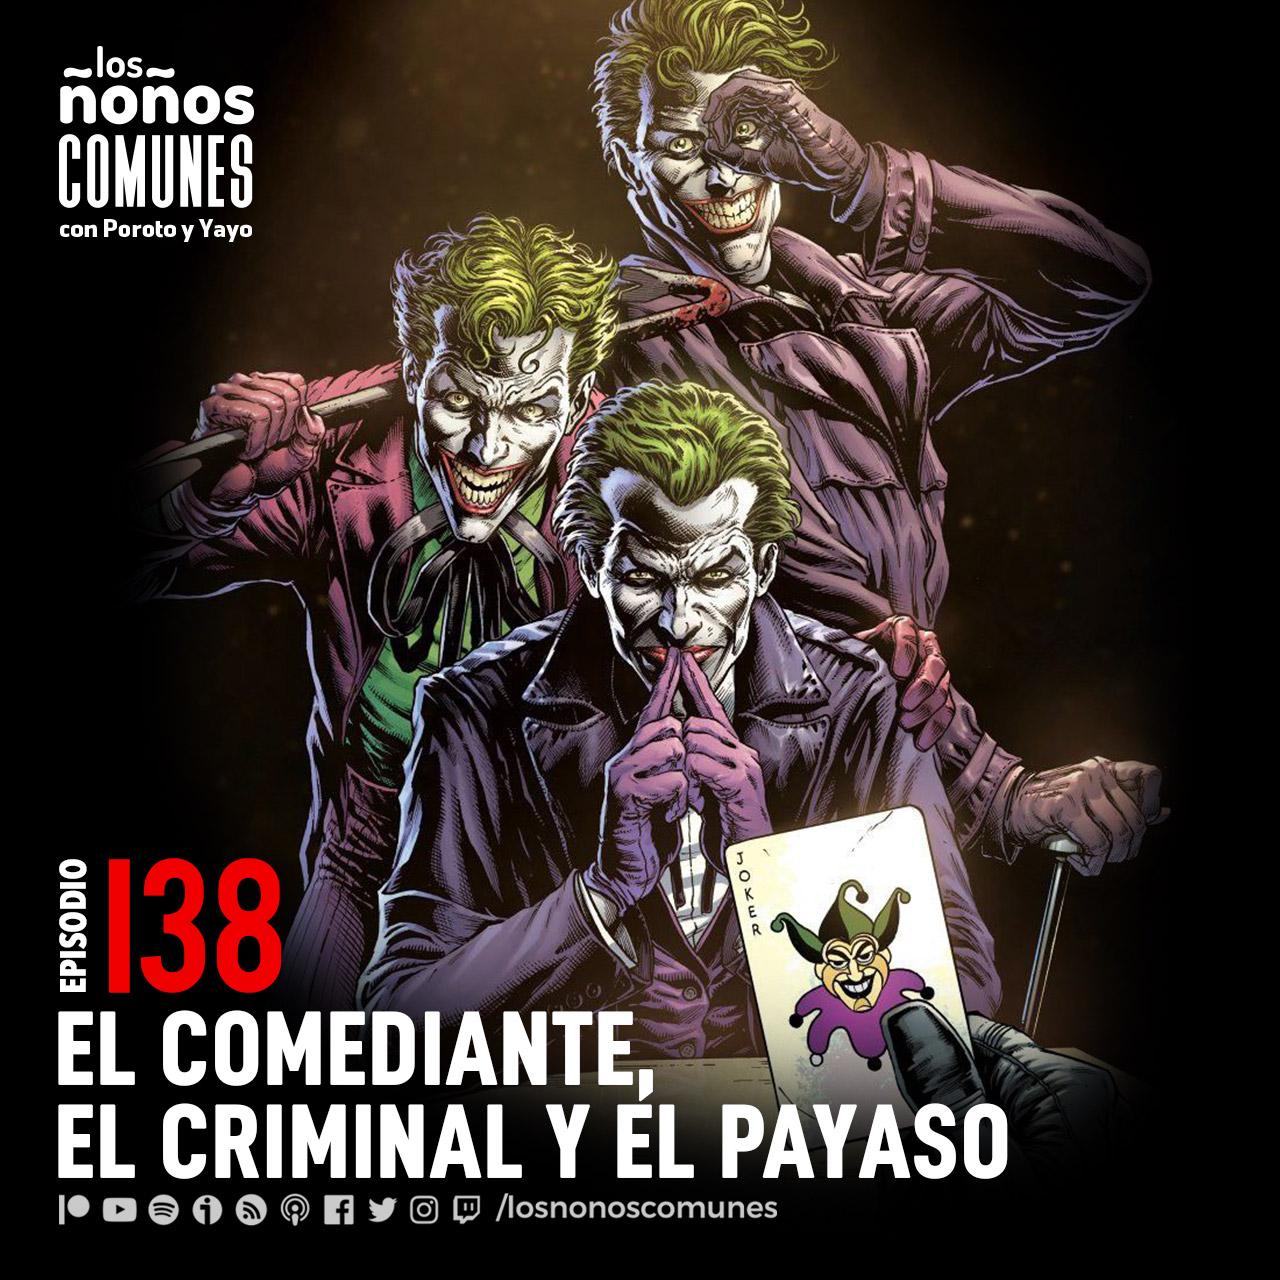 Cover-138-fb